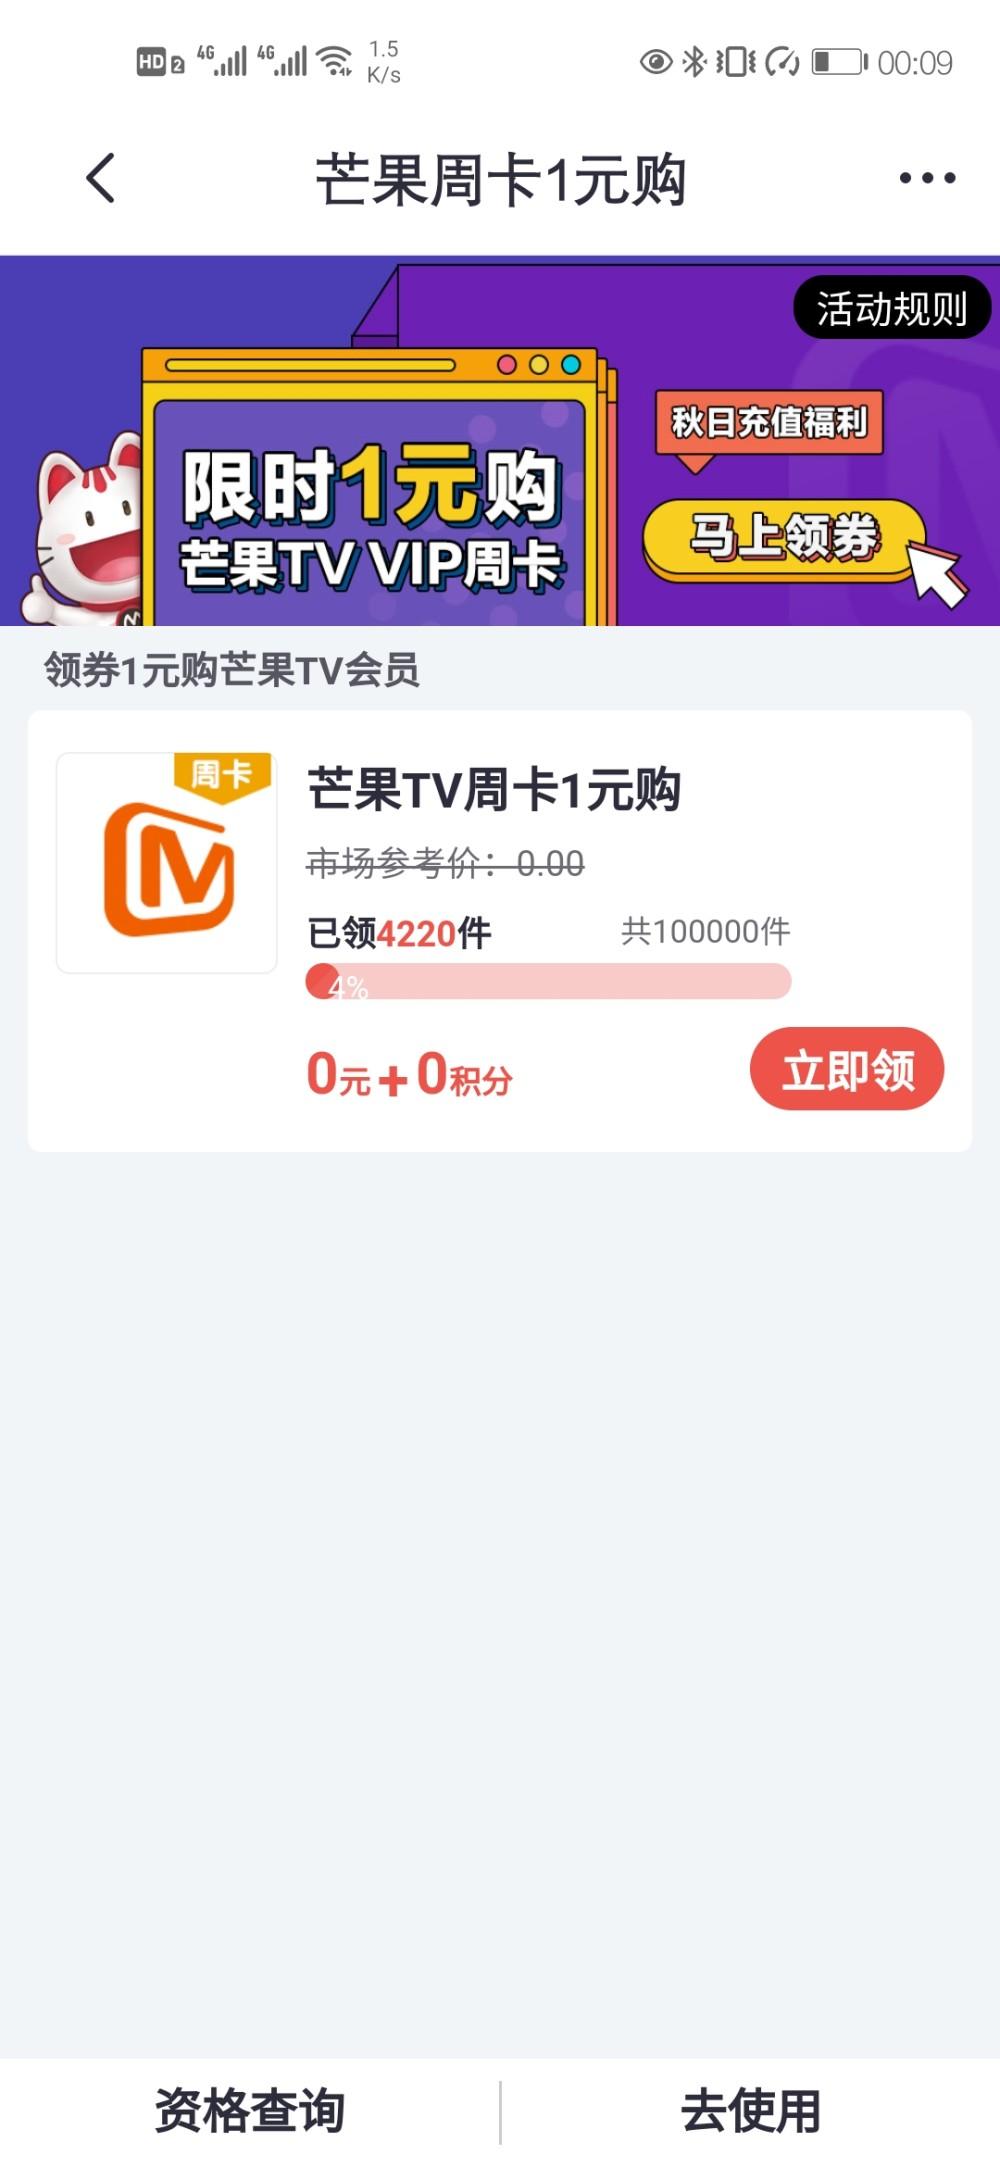 图片[2]-1元开芒果会员周卡,需下载App-飞享资源网